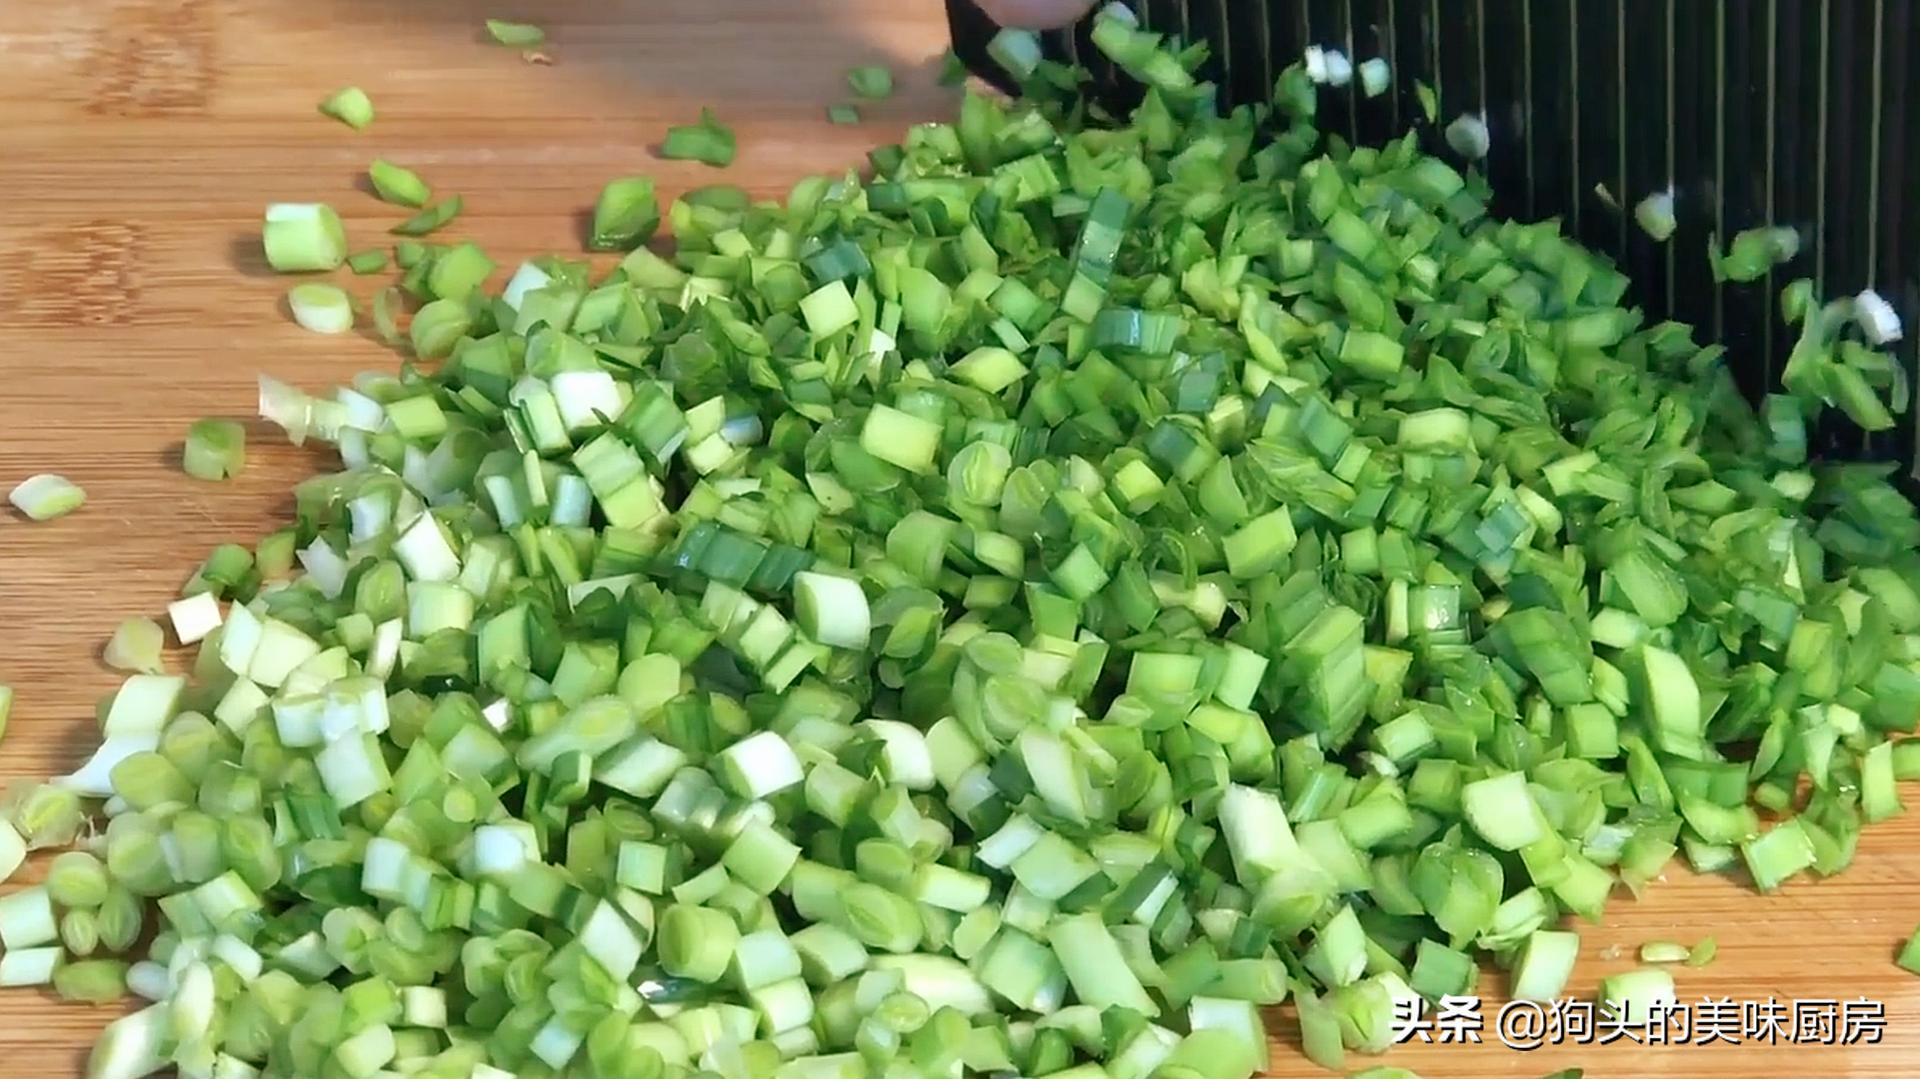 韭菜加豆腐,我家隔三天吃一次,外酥里嫩,飯店都吃不到,太香了